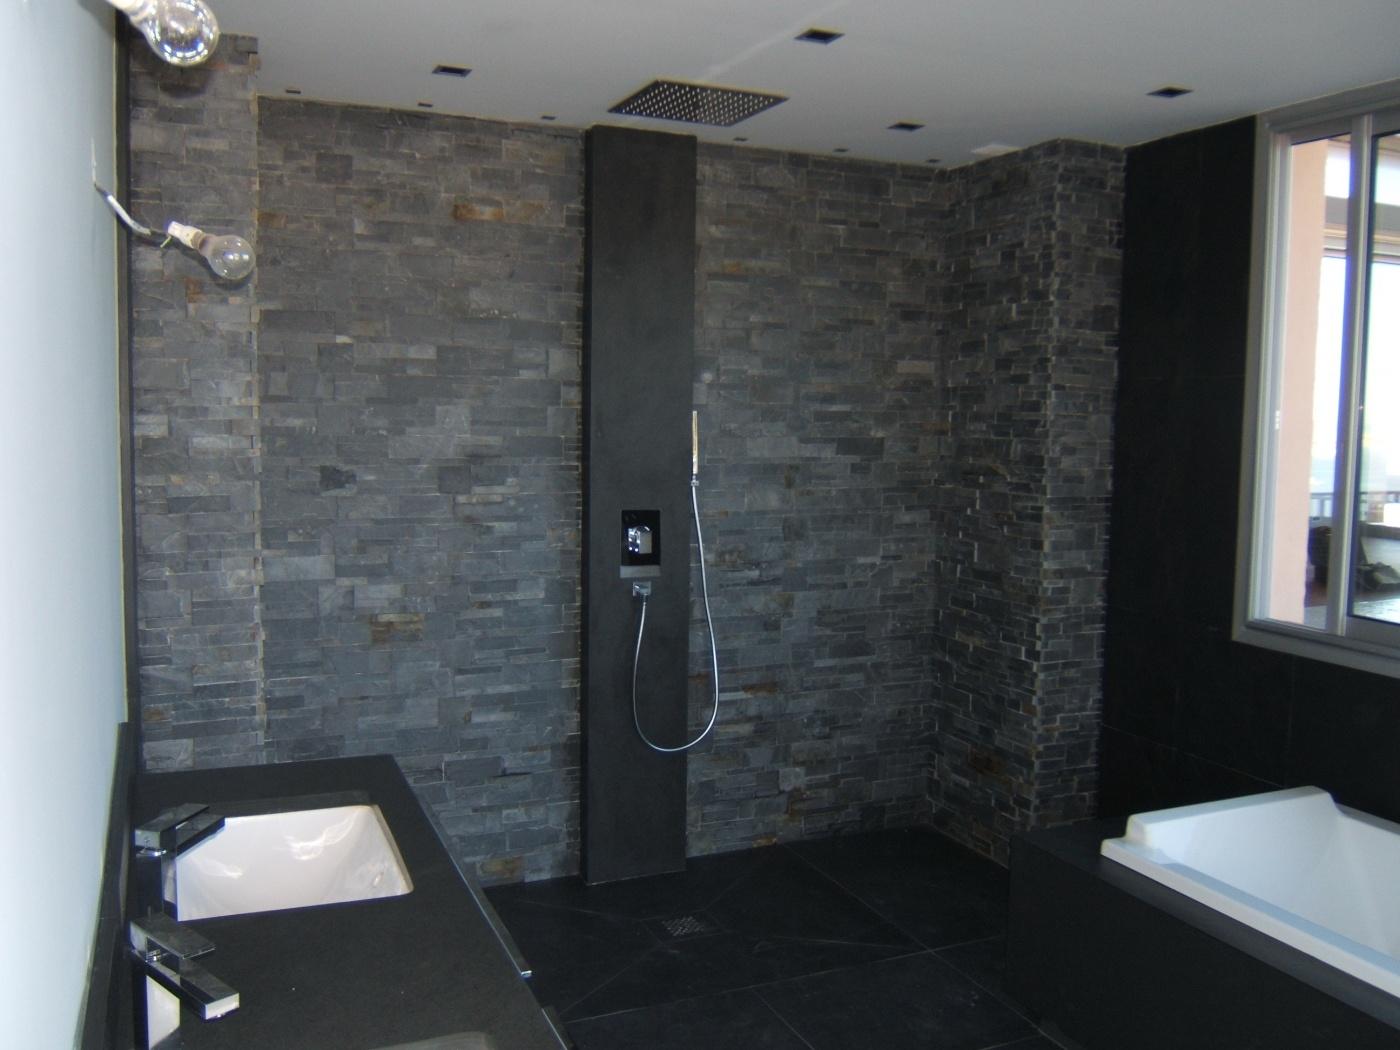 Salle de bains en Ardoise noire 60x60 Receveur de douche, plan ...